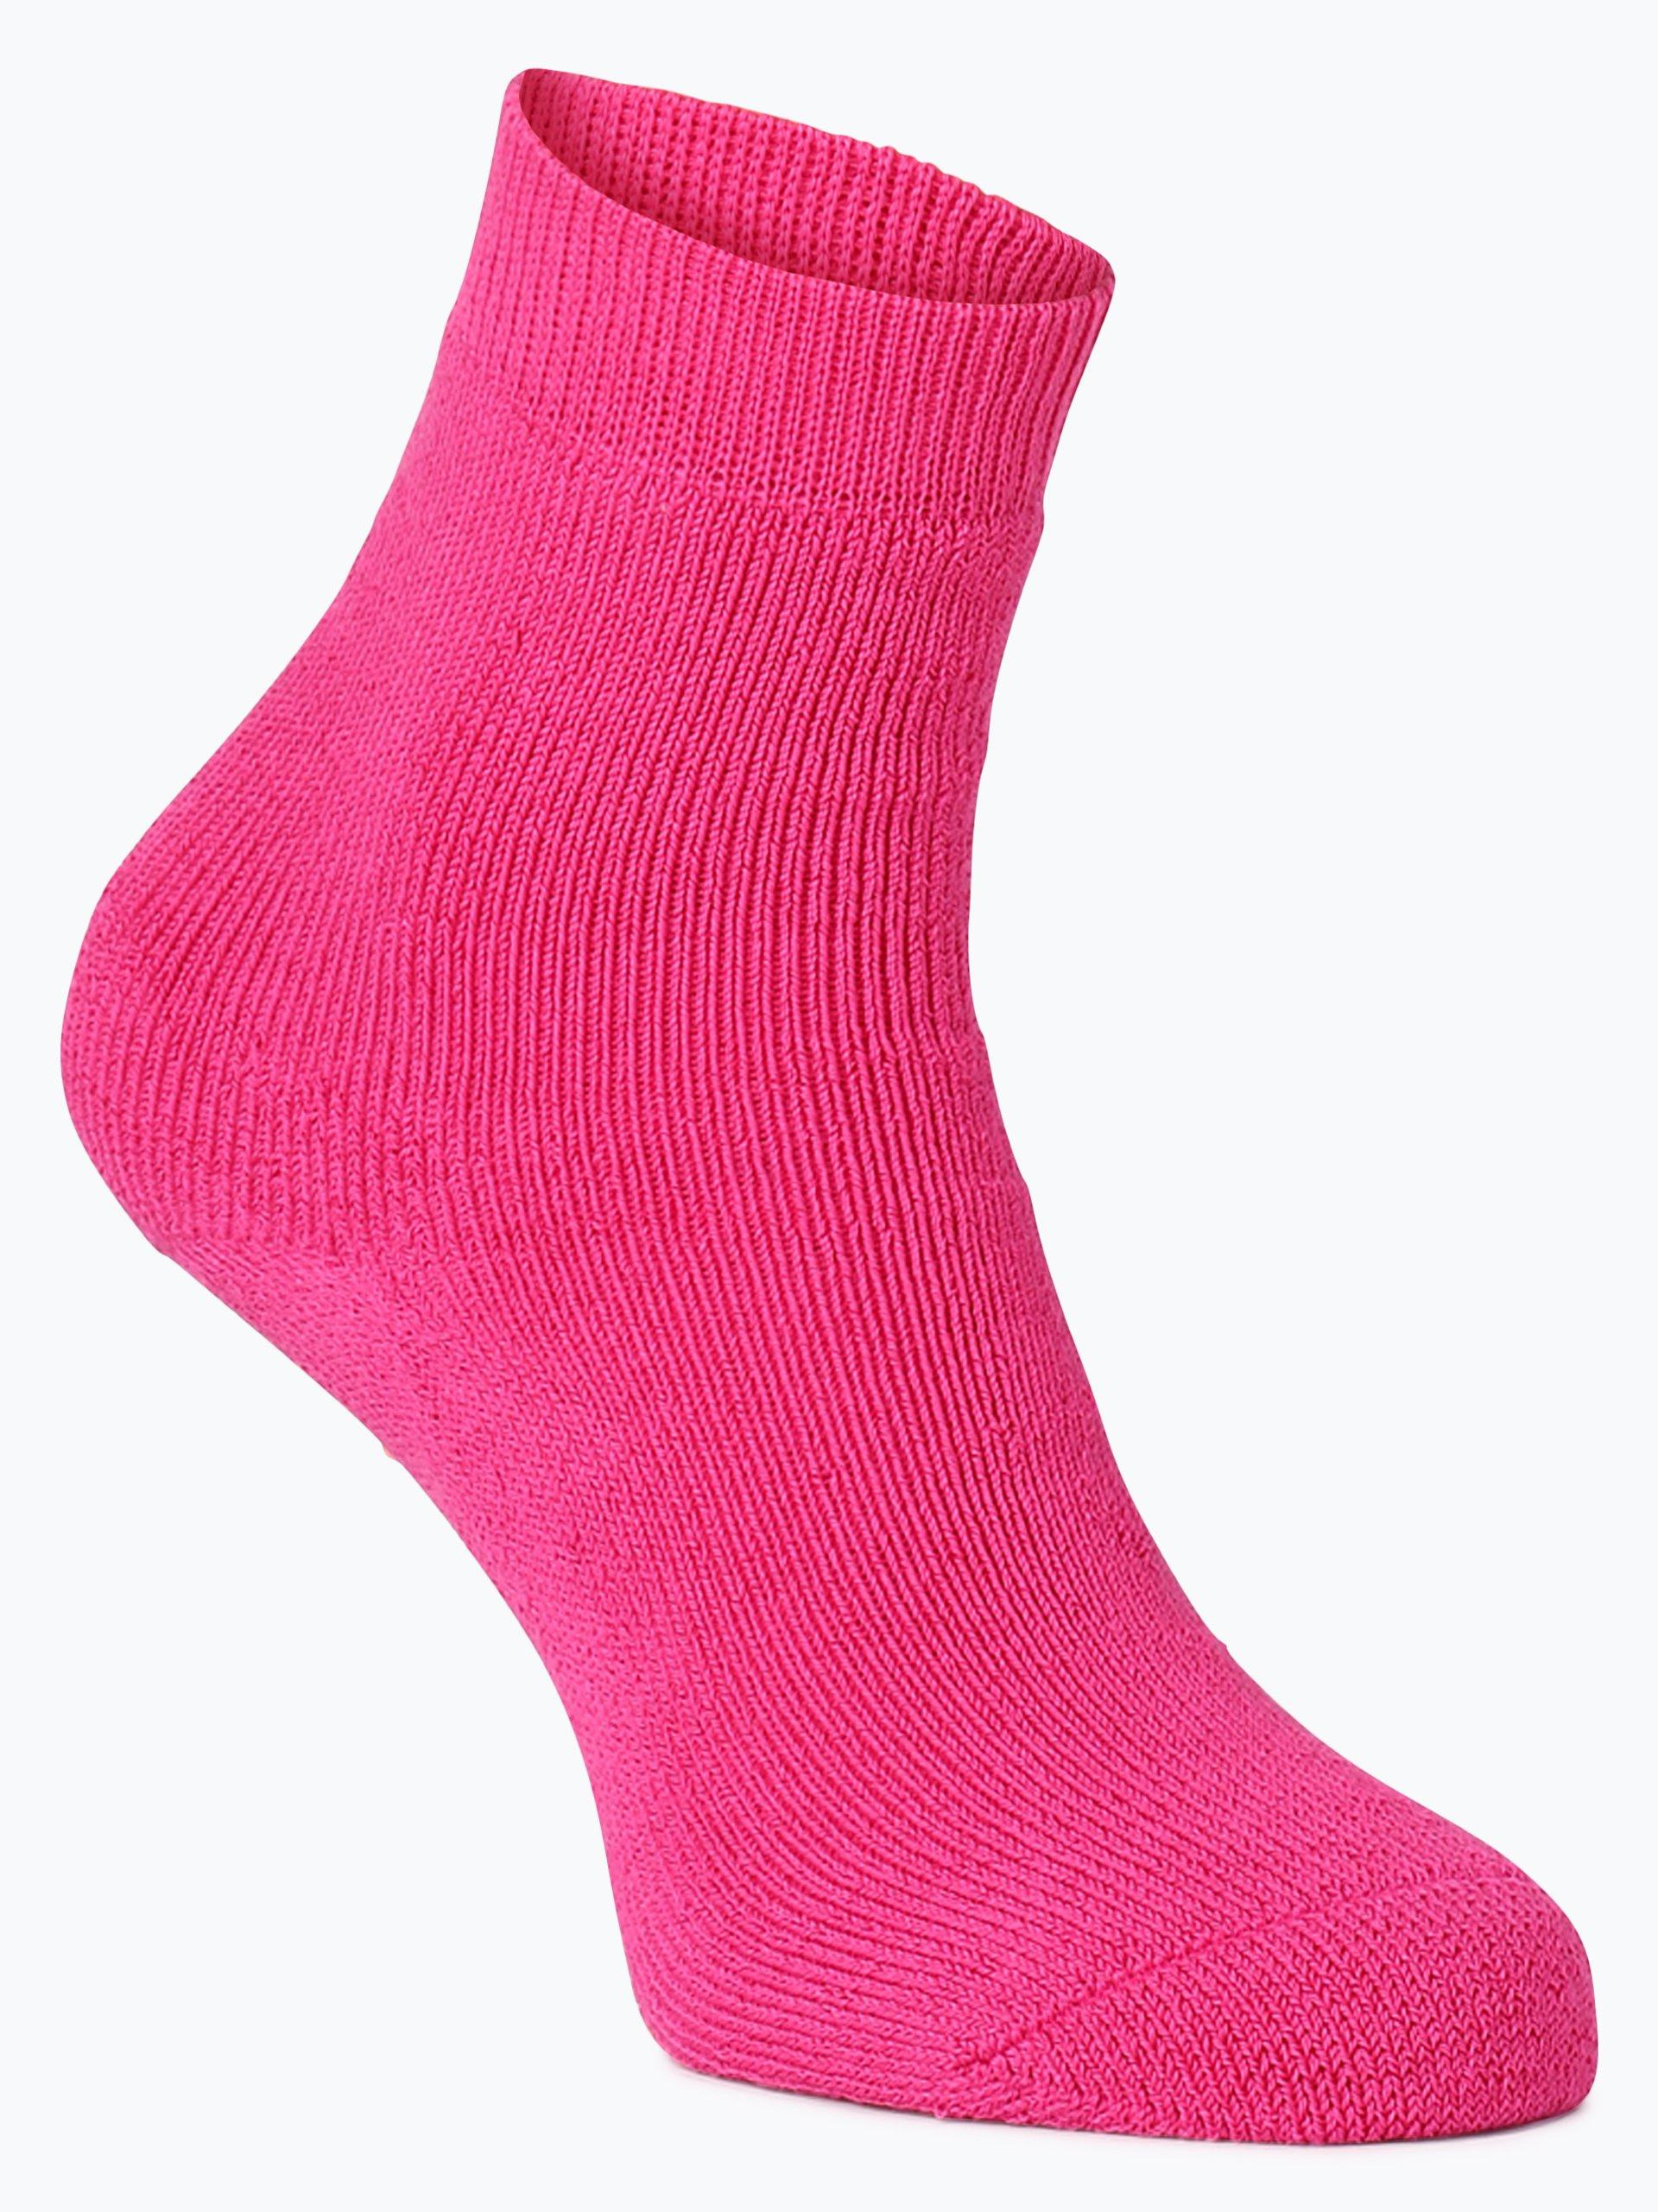 FALKE Kinder Anti-Rutsch-Socken mit Merino-Anteil - Catspads